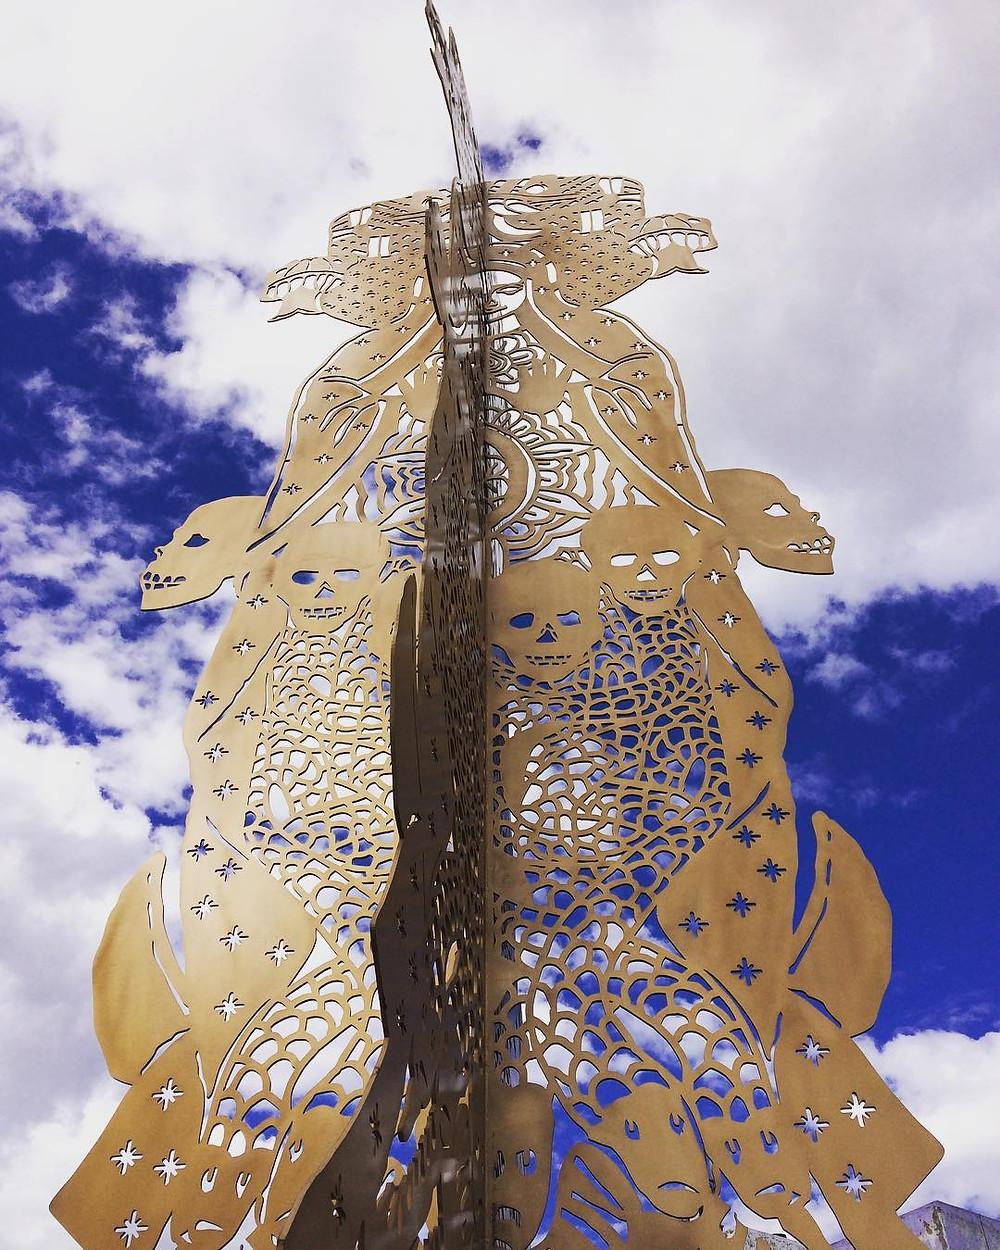 La escultura Sincretismo, de Ismael Vargas, en Guadalajara